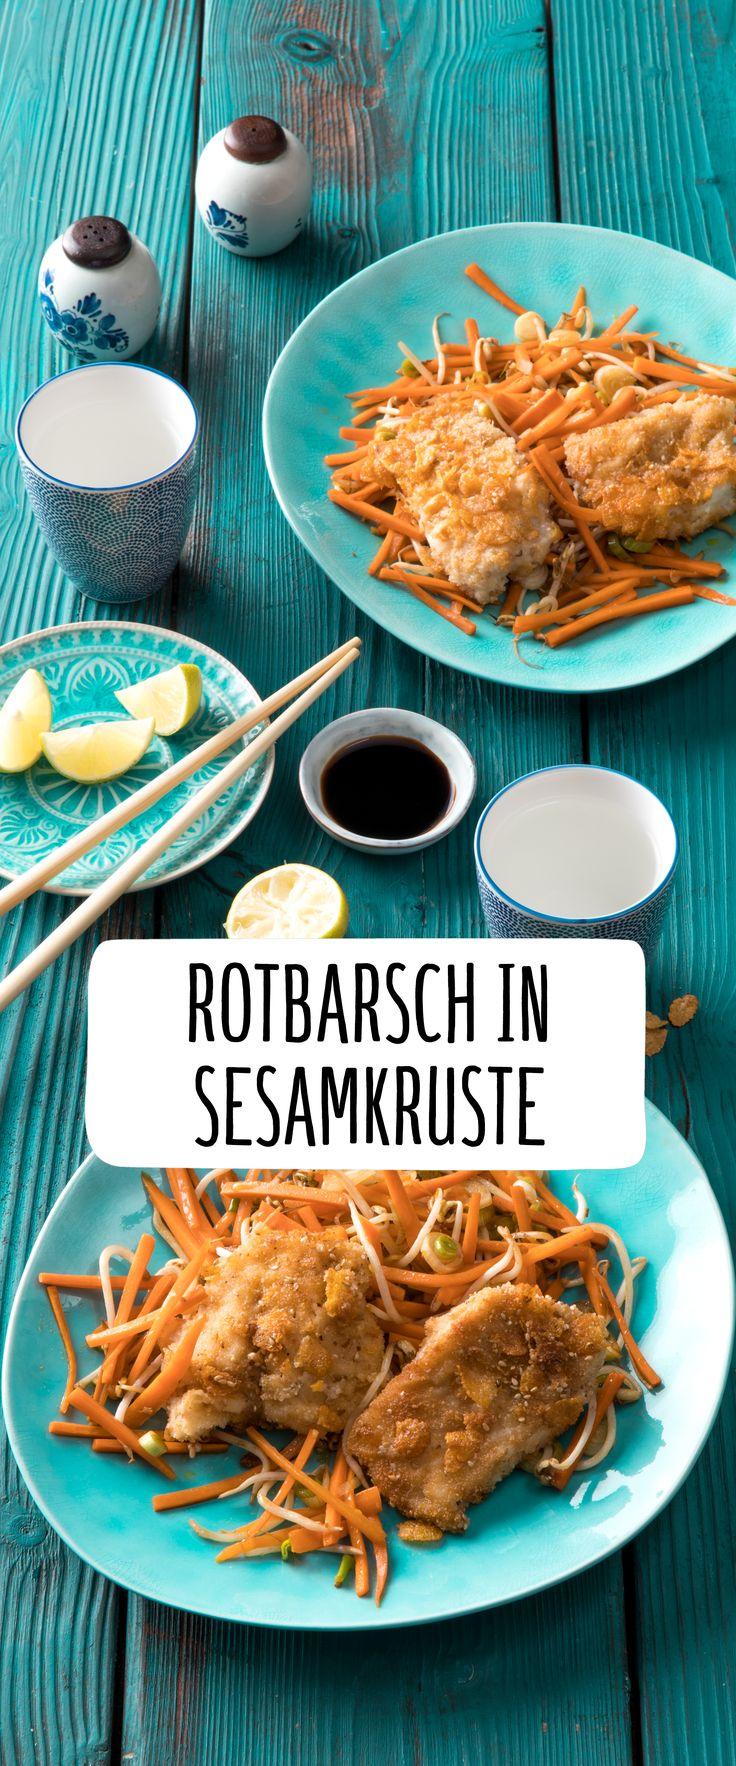 Rotbsrsch in Sesamkruste